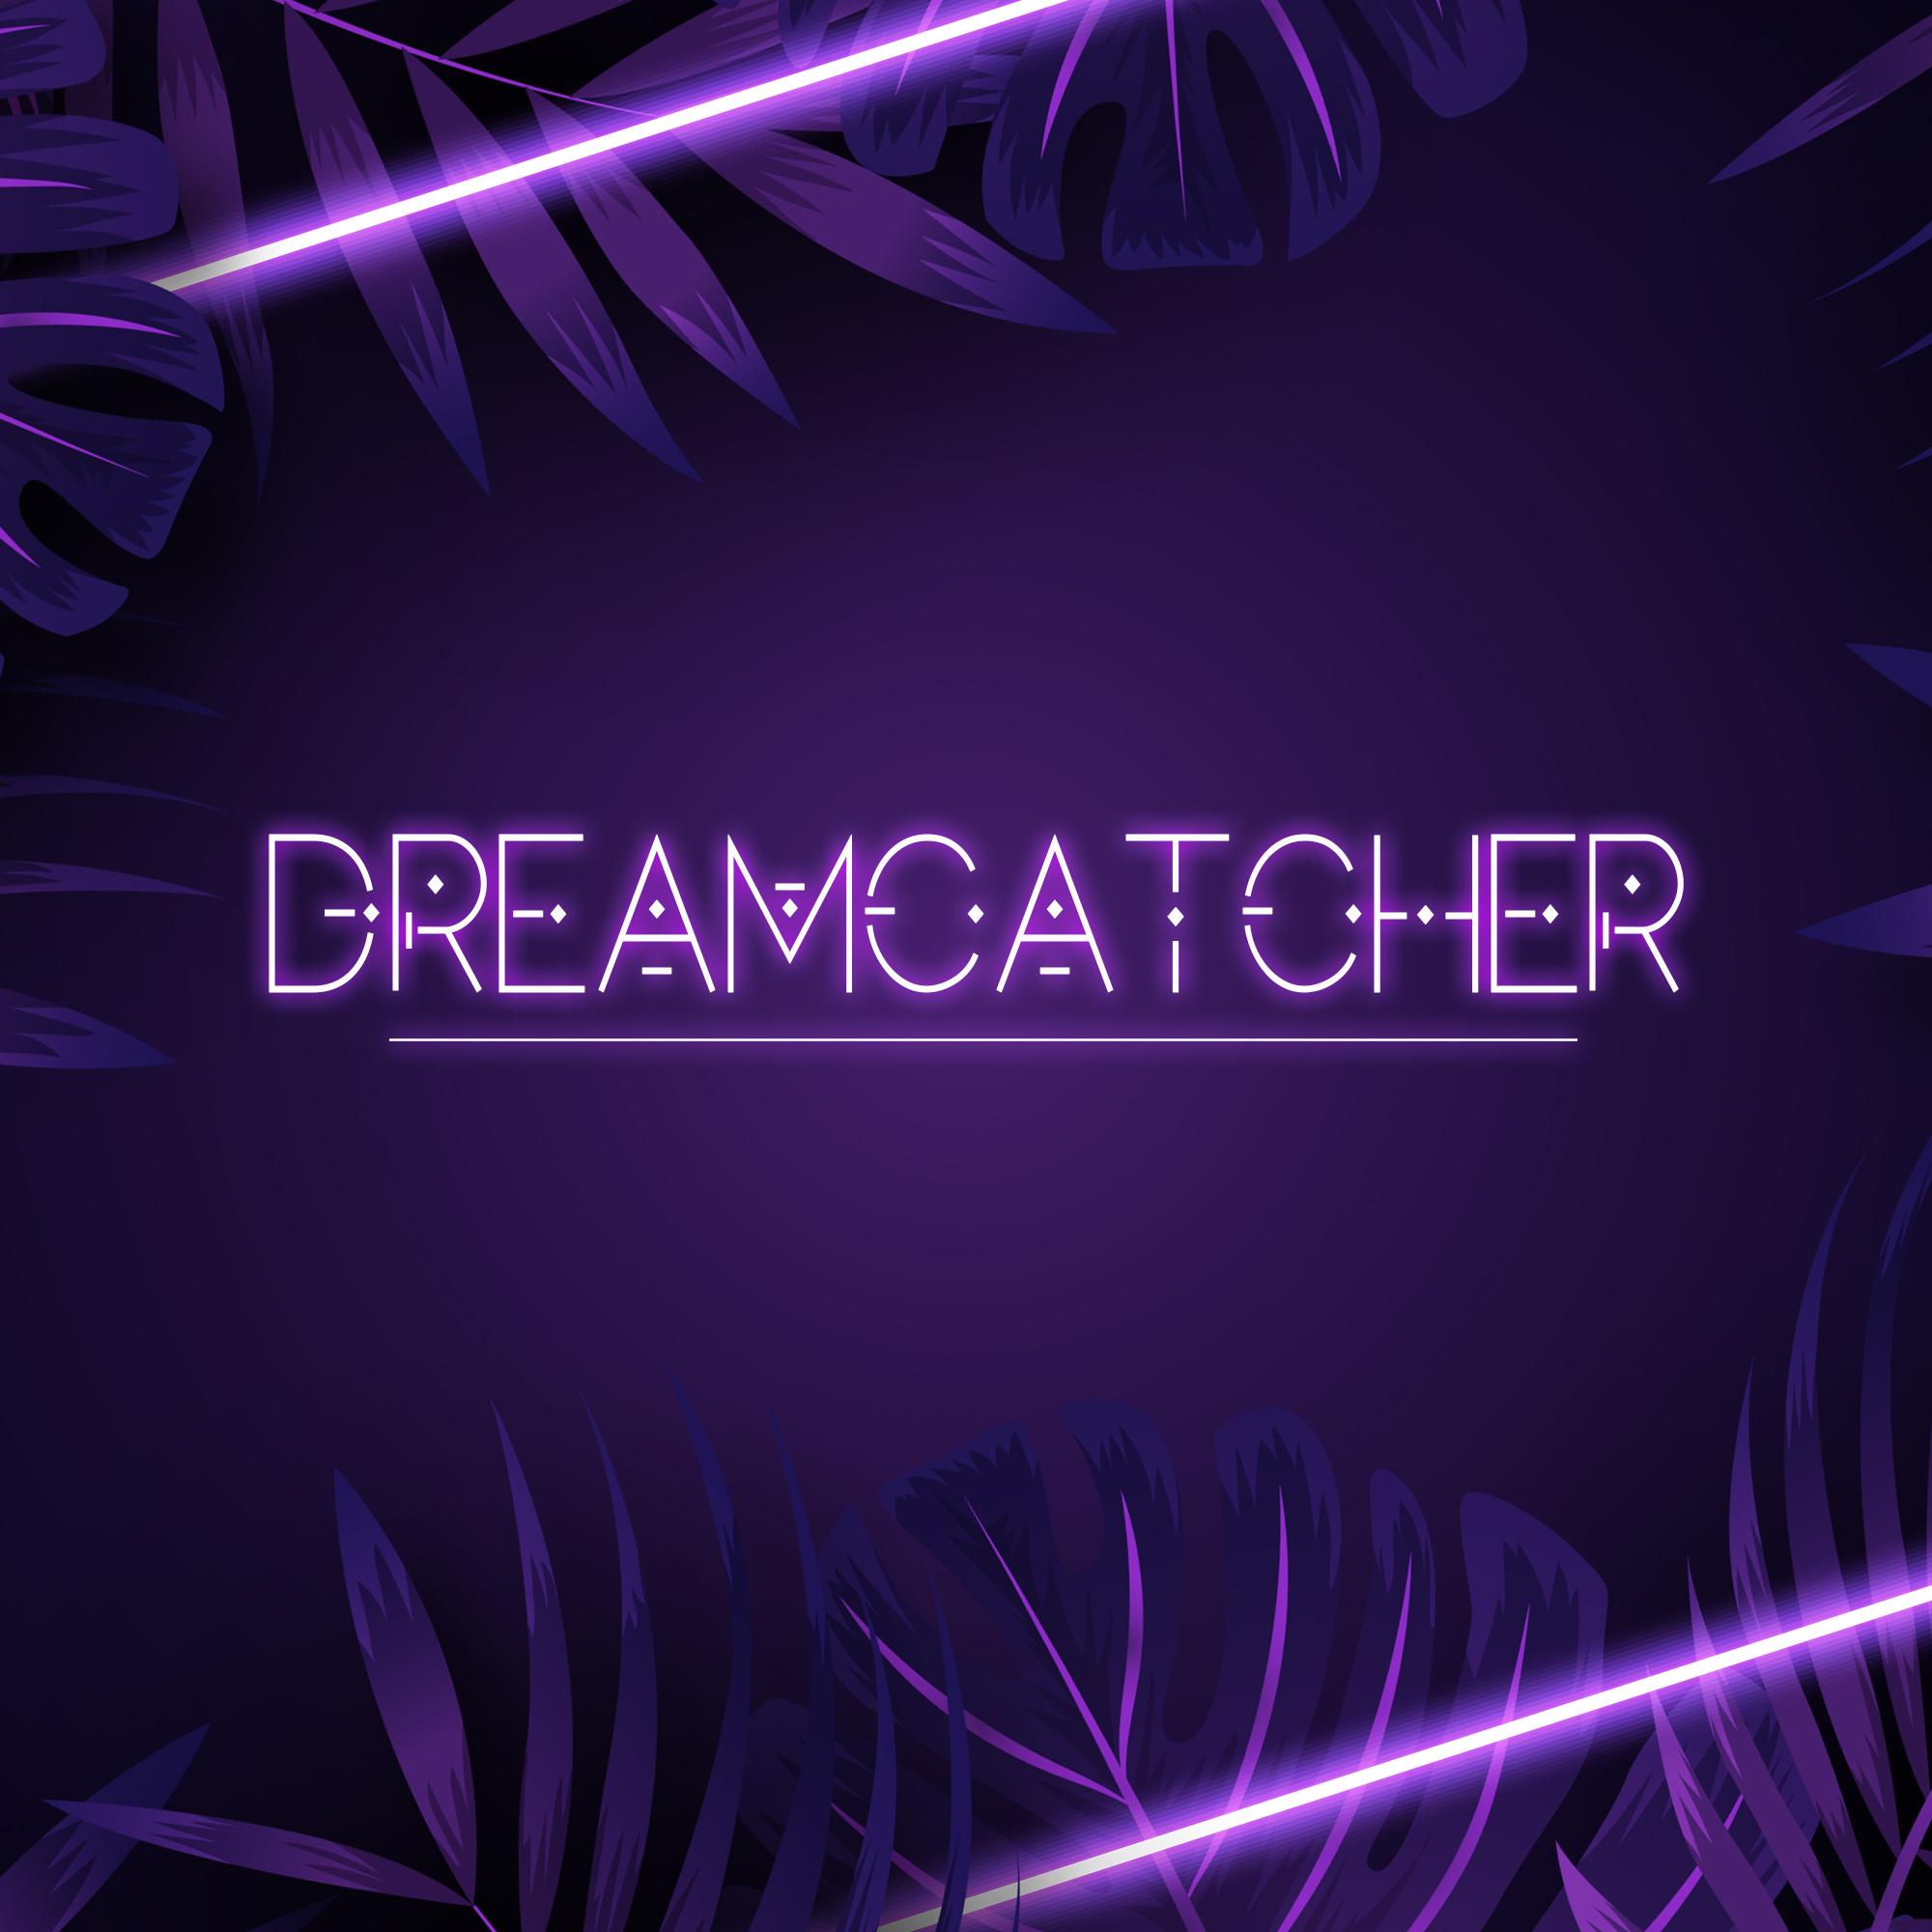 +Dreamcatcher+